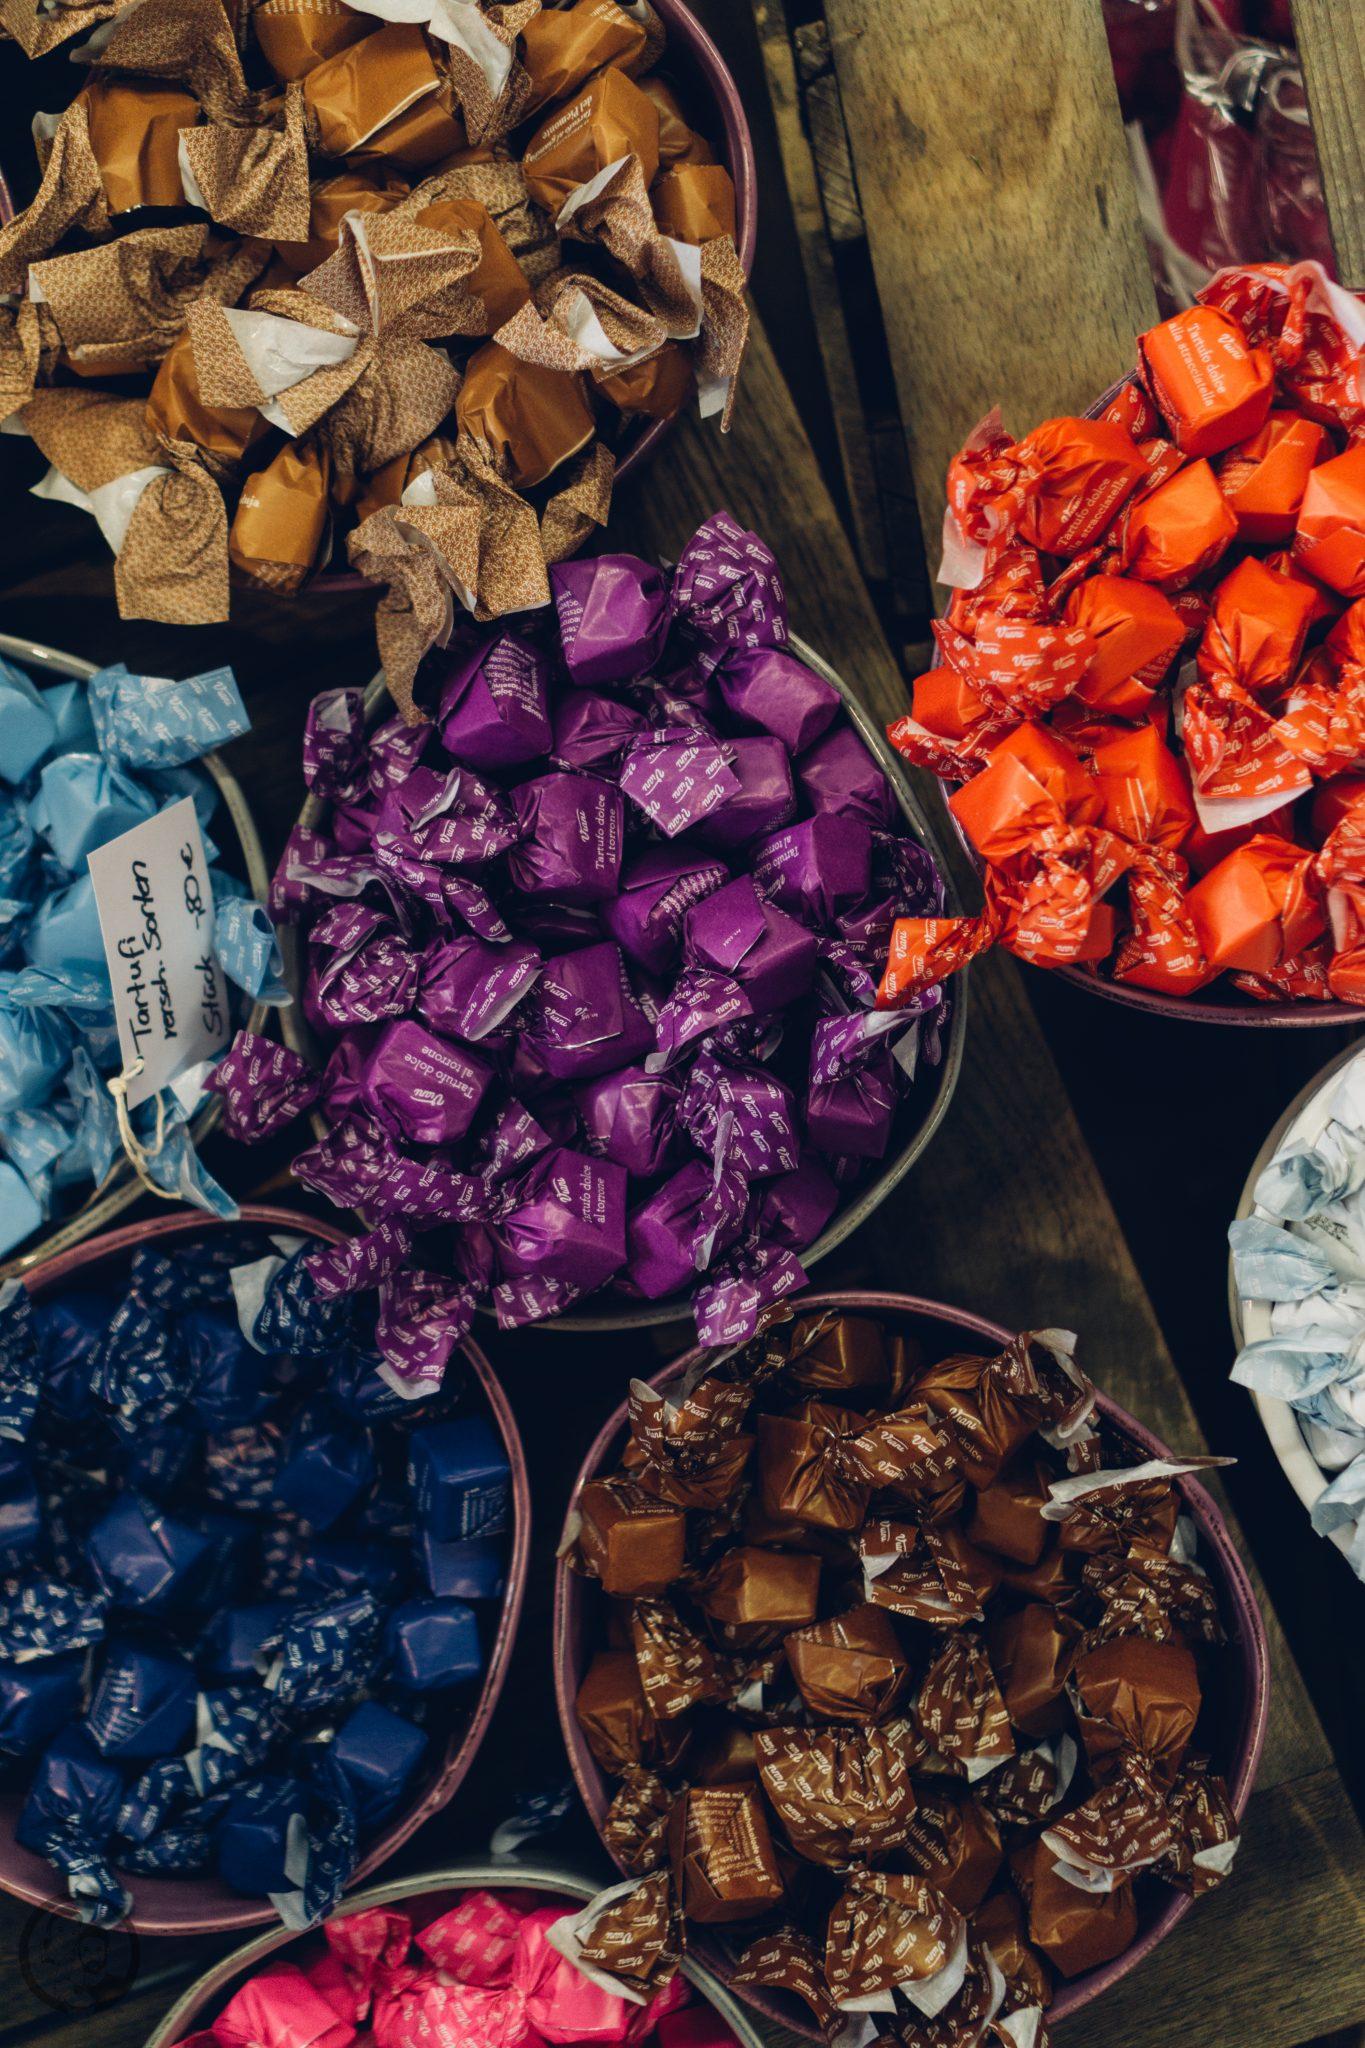 Vila Vita 27   Heute möchten wir euch von einem Foodie-Tag der Extraklasse durch Marburg berichten, dass ist nämlich schon lange überfällig. Die Vila Vita Marburghat gemeinsam mit Cat von Schlemmerkatze zum Schlemmertag gerufen und da sagen wir definitiv nicht nein zu.Die Vila Vita kennen wir ja schon seit der Landpartie im letzten Jahr und im Märzdurften wir den Genusstempel in seiner ganzen Vielfalt erleben. Zum Abschluss wurde dann auch noch gemeinsam gekocht und unseren Favorit von diesem Abend, stellen wir euch heute vor - Spicy Tartar Roll!